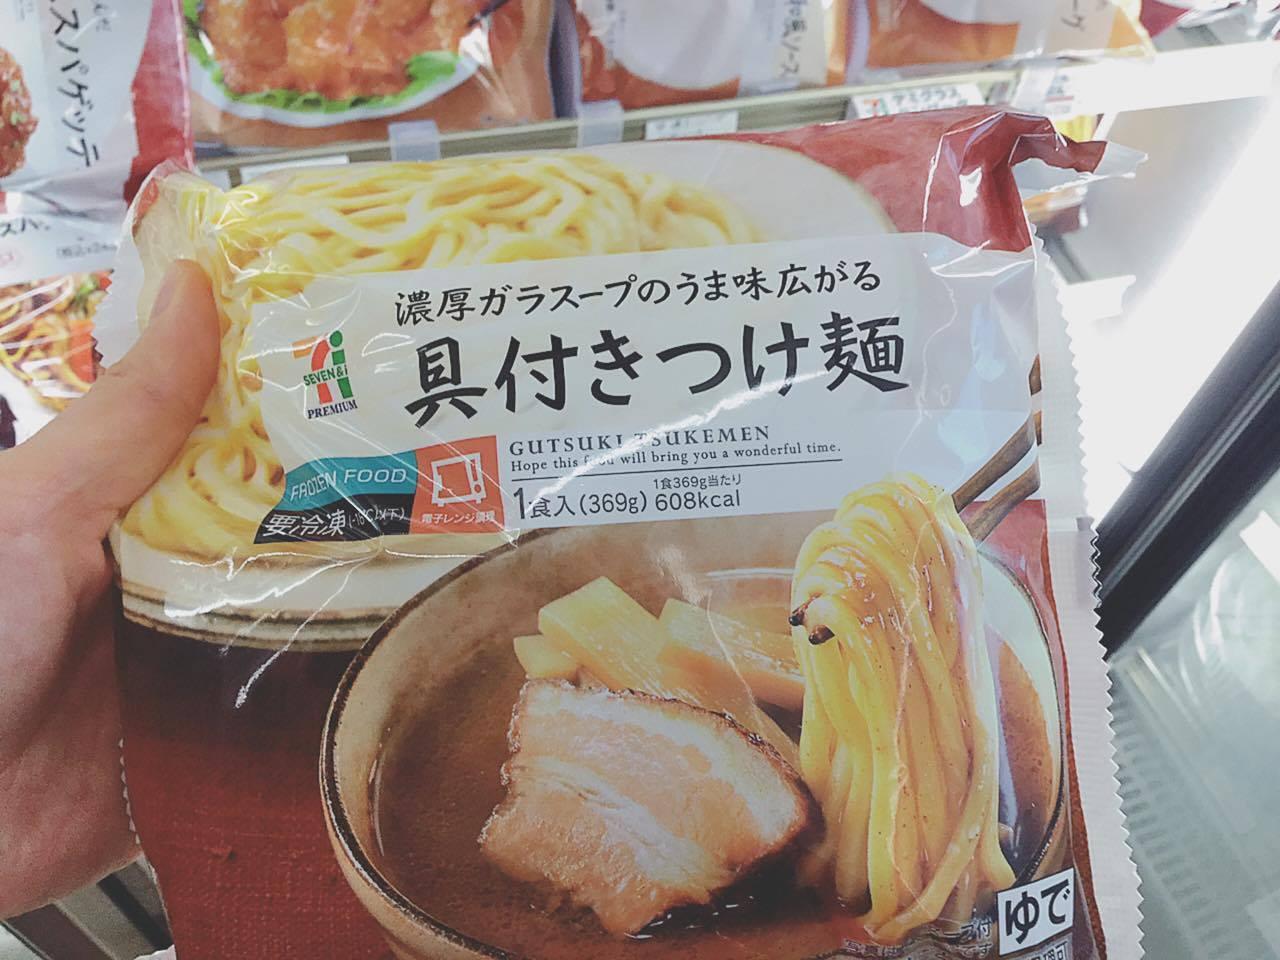 일본편의점-세븐일레븐-냉동식품2